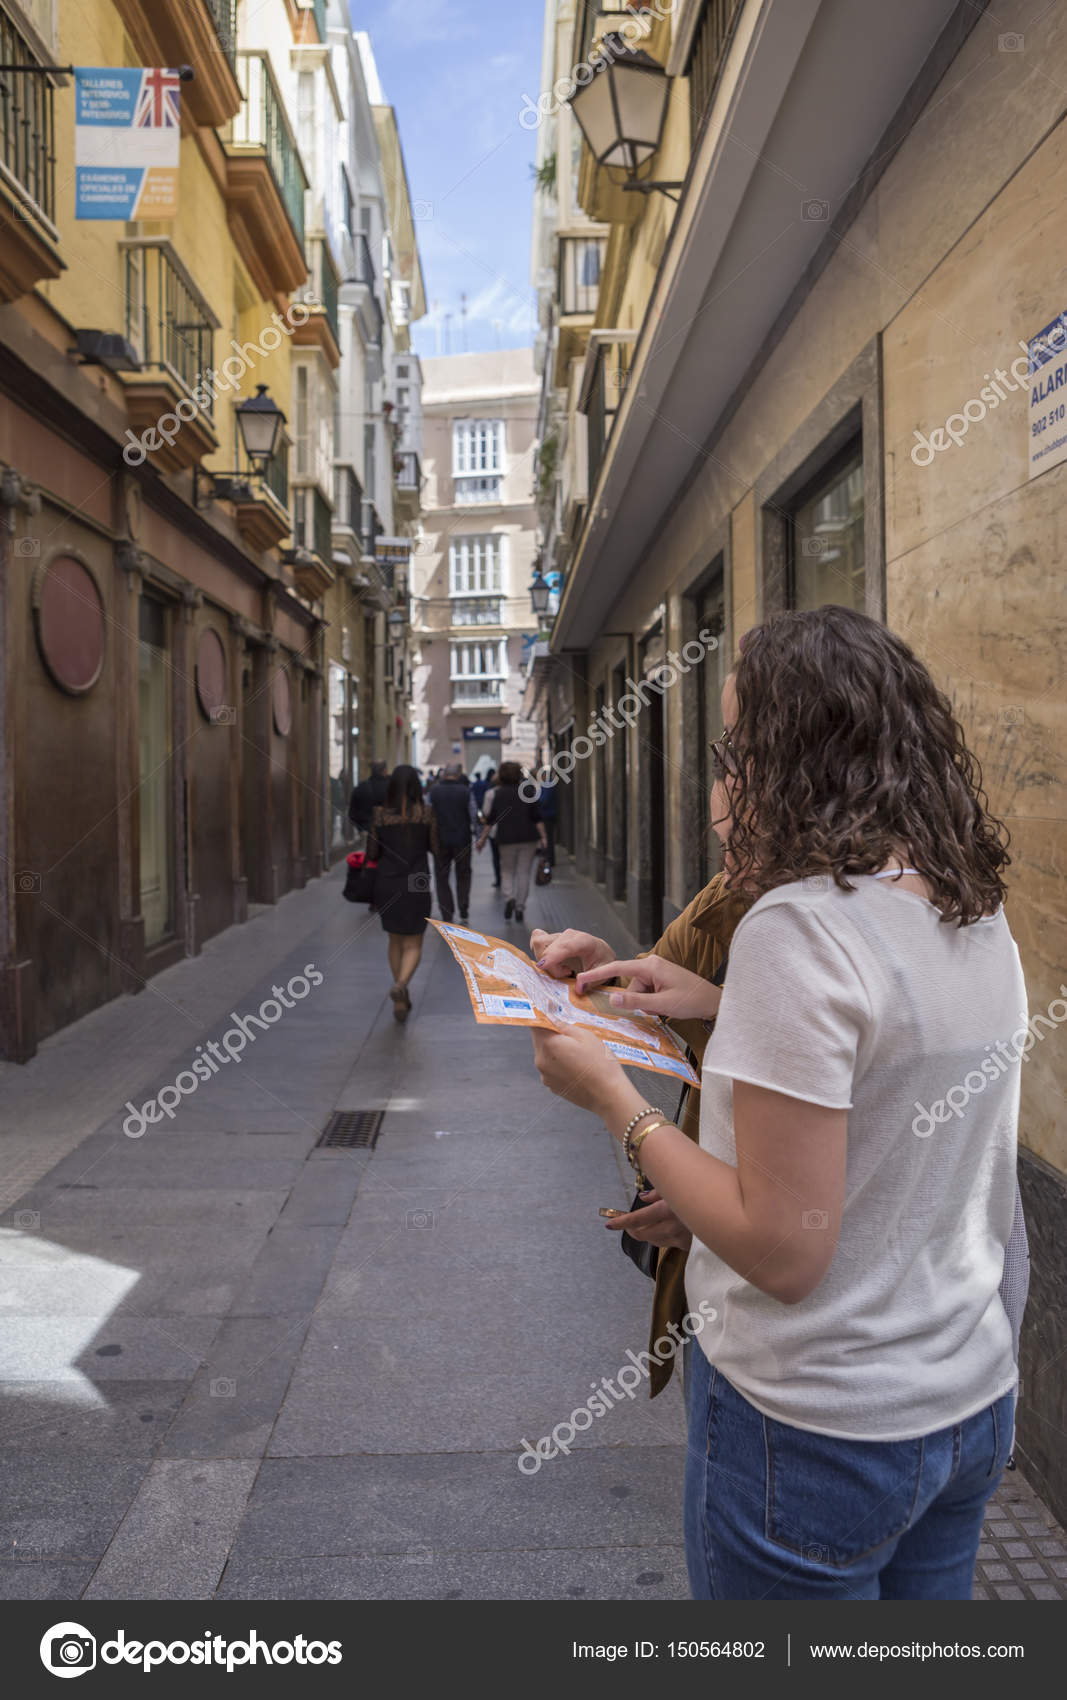 Karte Andalusien Cadiz.Verlorene Touristen Schauen Sie Sich Die Karte Der Stadt In Den